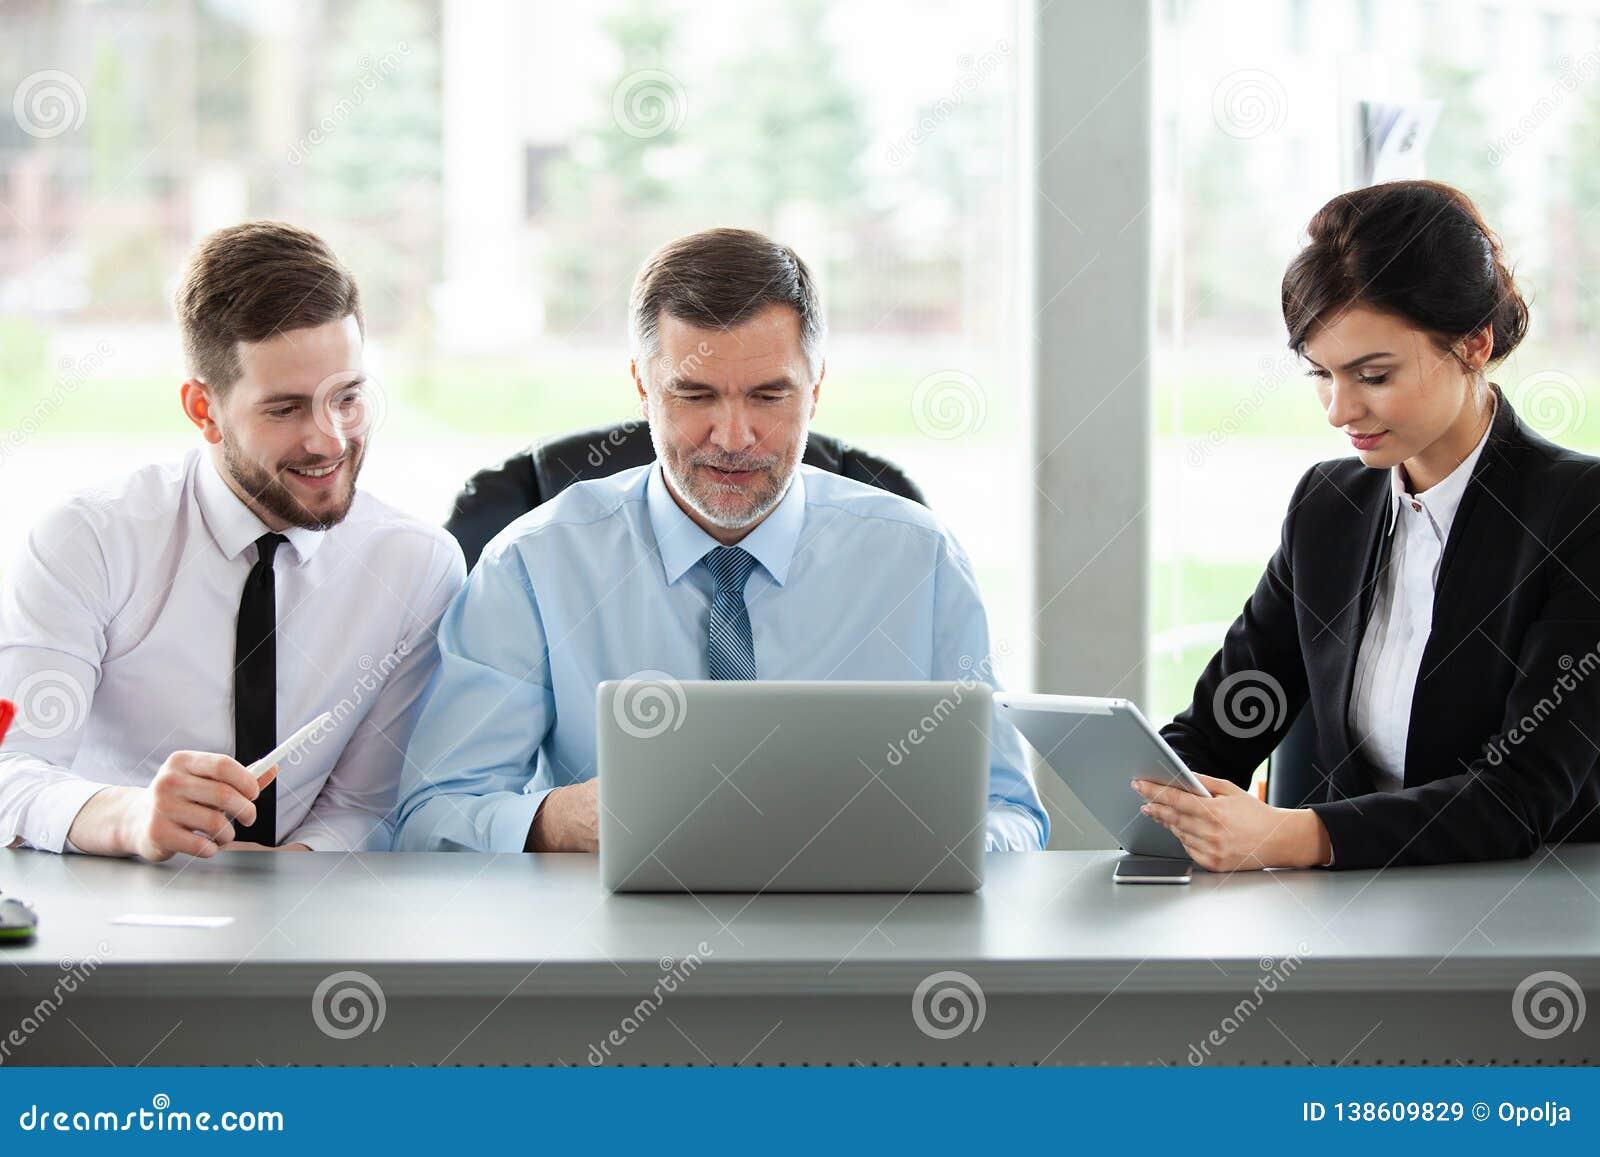 Kvinnlign som manlign models en, sköt tillsammans två som fungerar Affär Team Discussion Meeting Corporate Concept